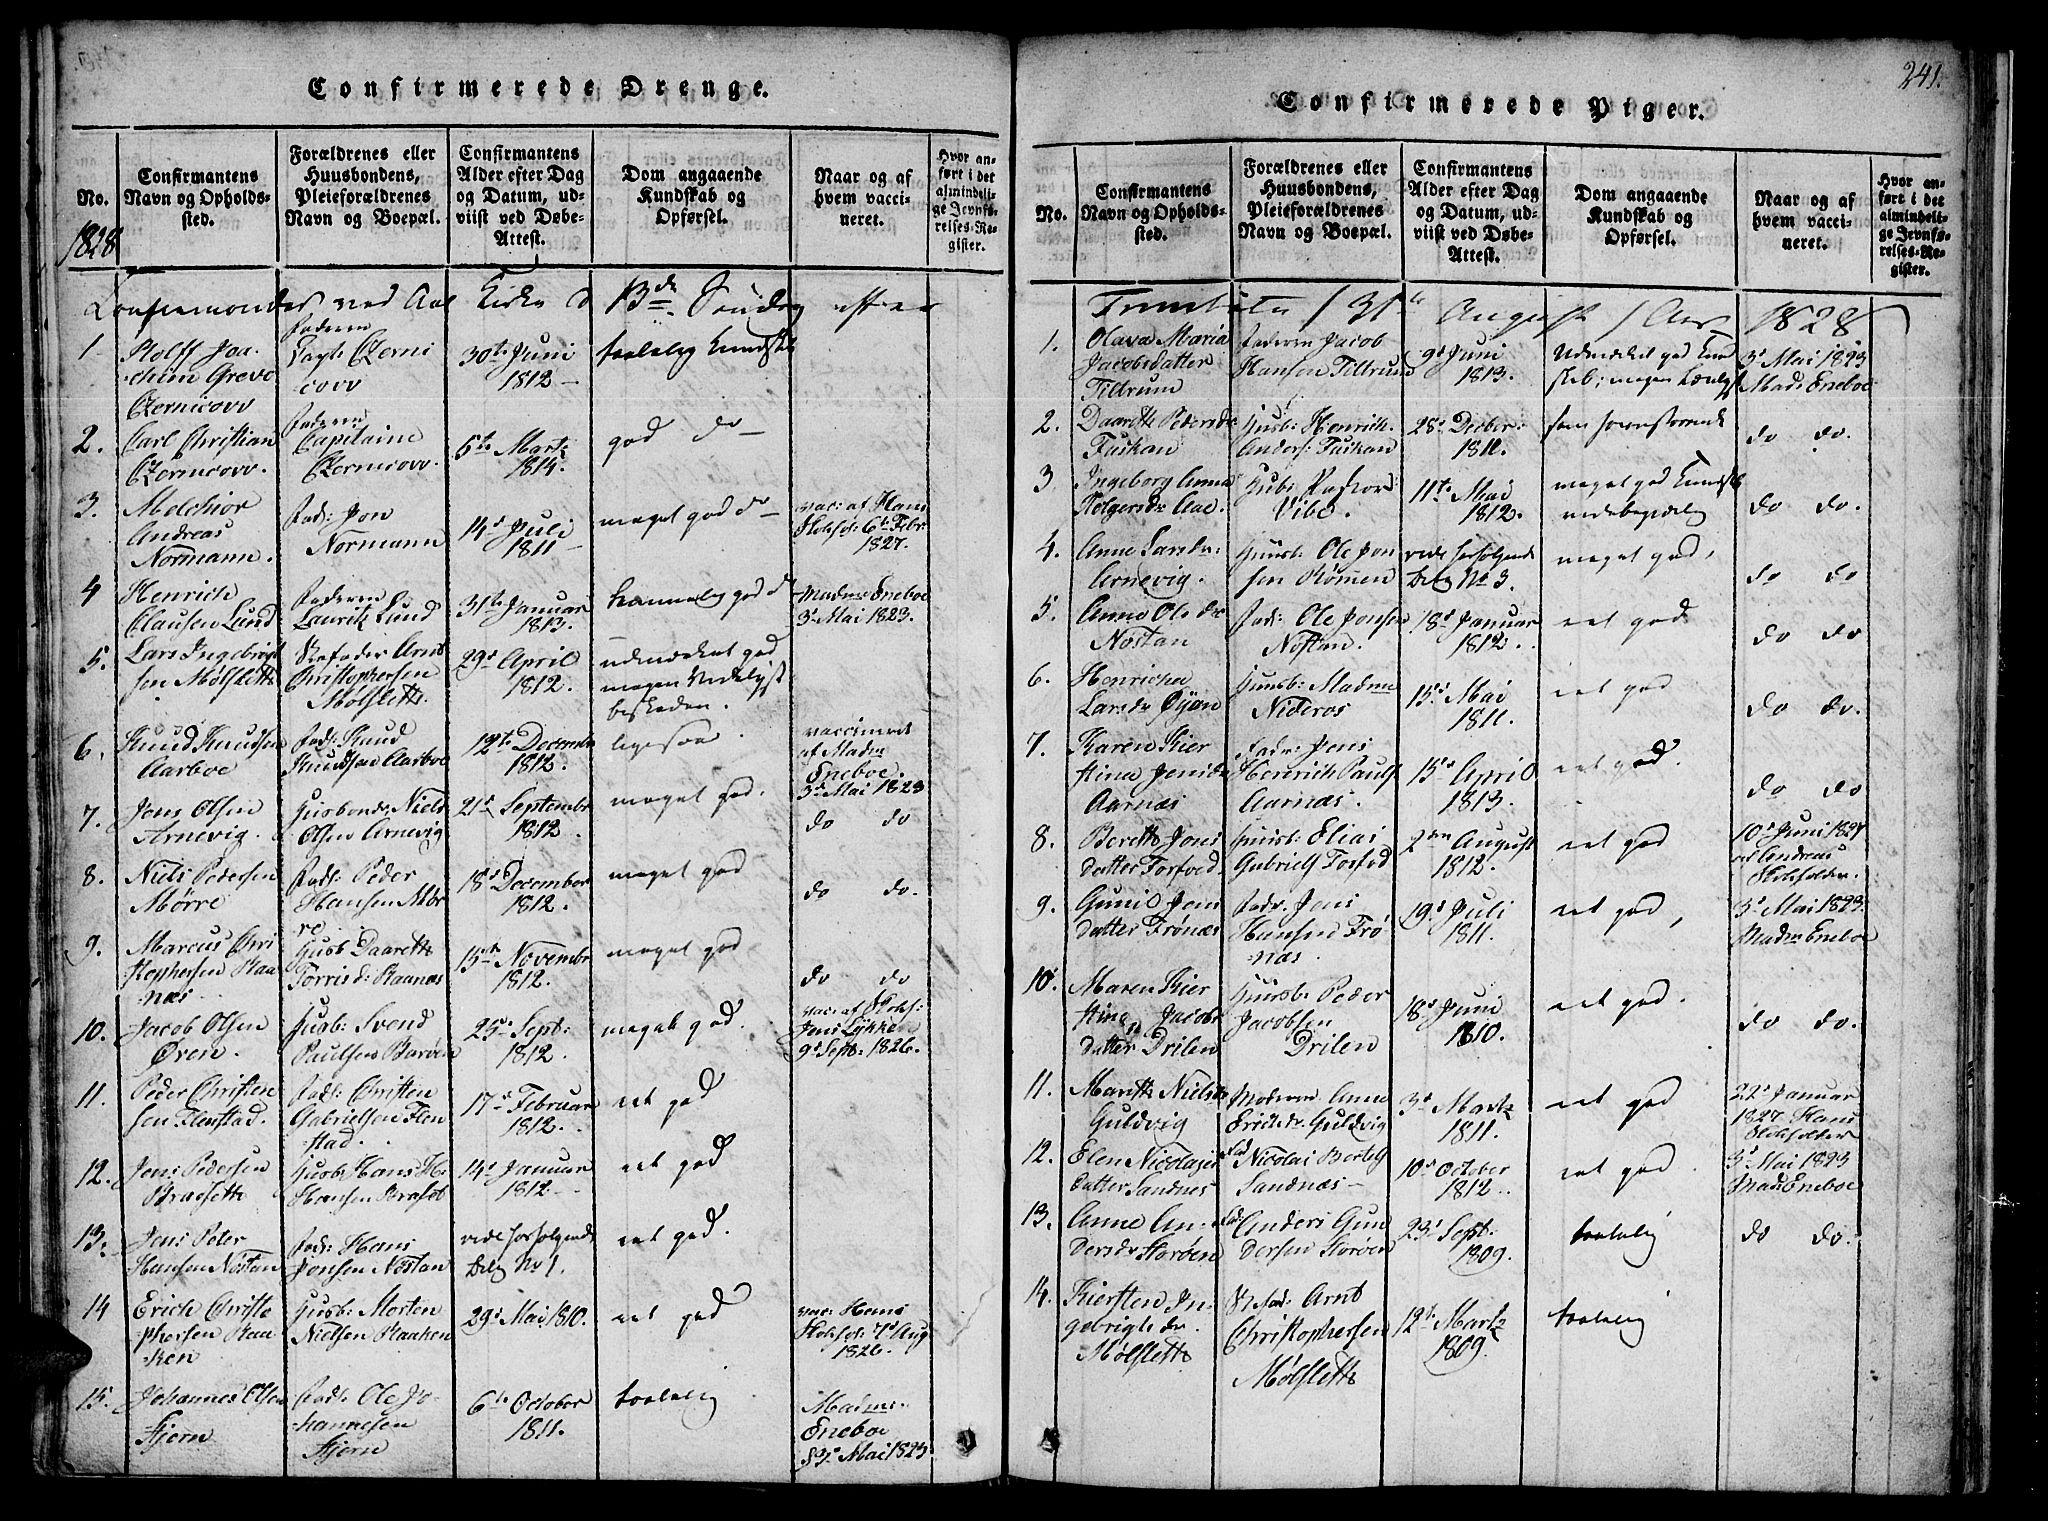 SAT, Ministerialprotokoller, klokkerbøker og fødselsregistre - Sør-Trøndelag, 655/L0675: Ministerialbok nr. 655A04, 1818-1830, s. 241